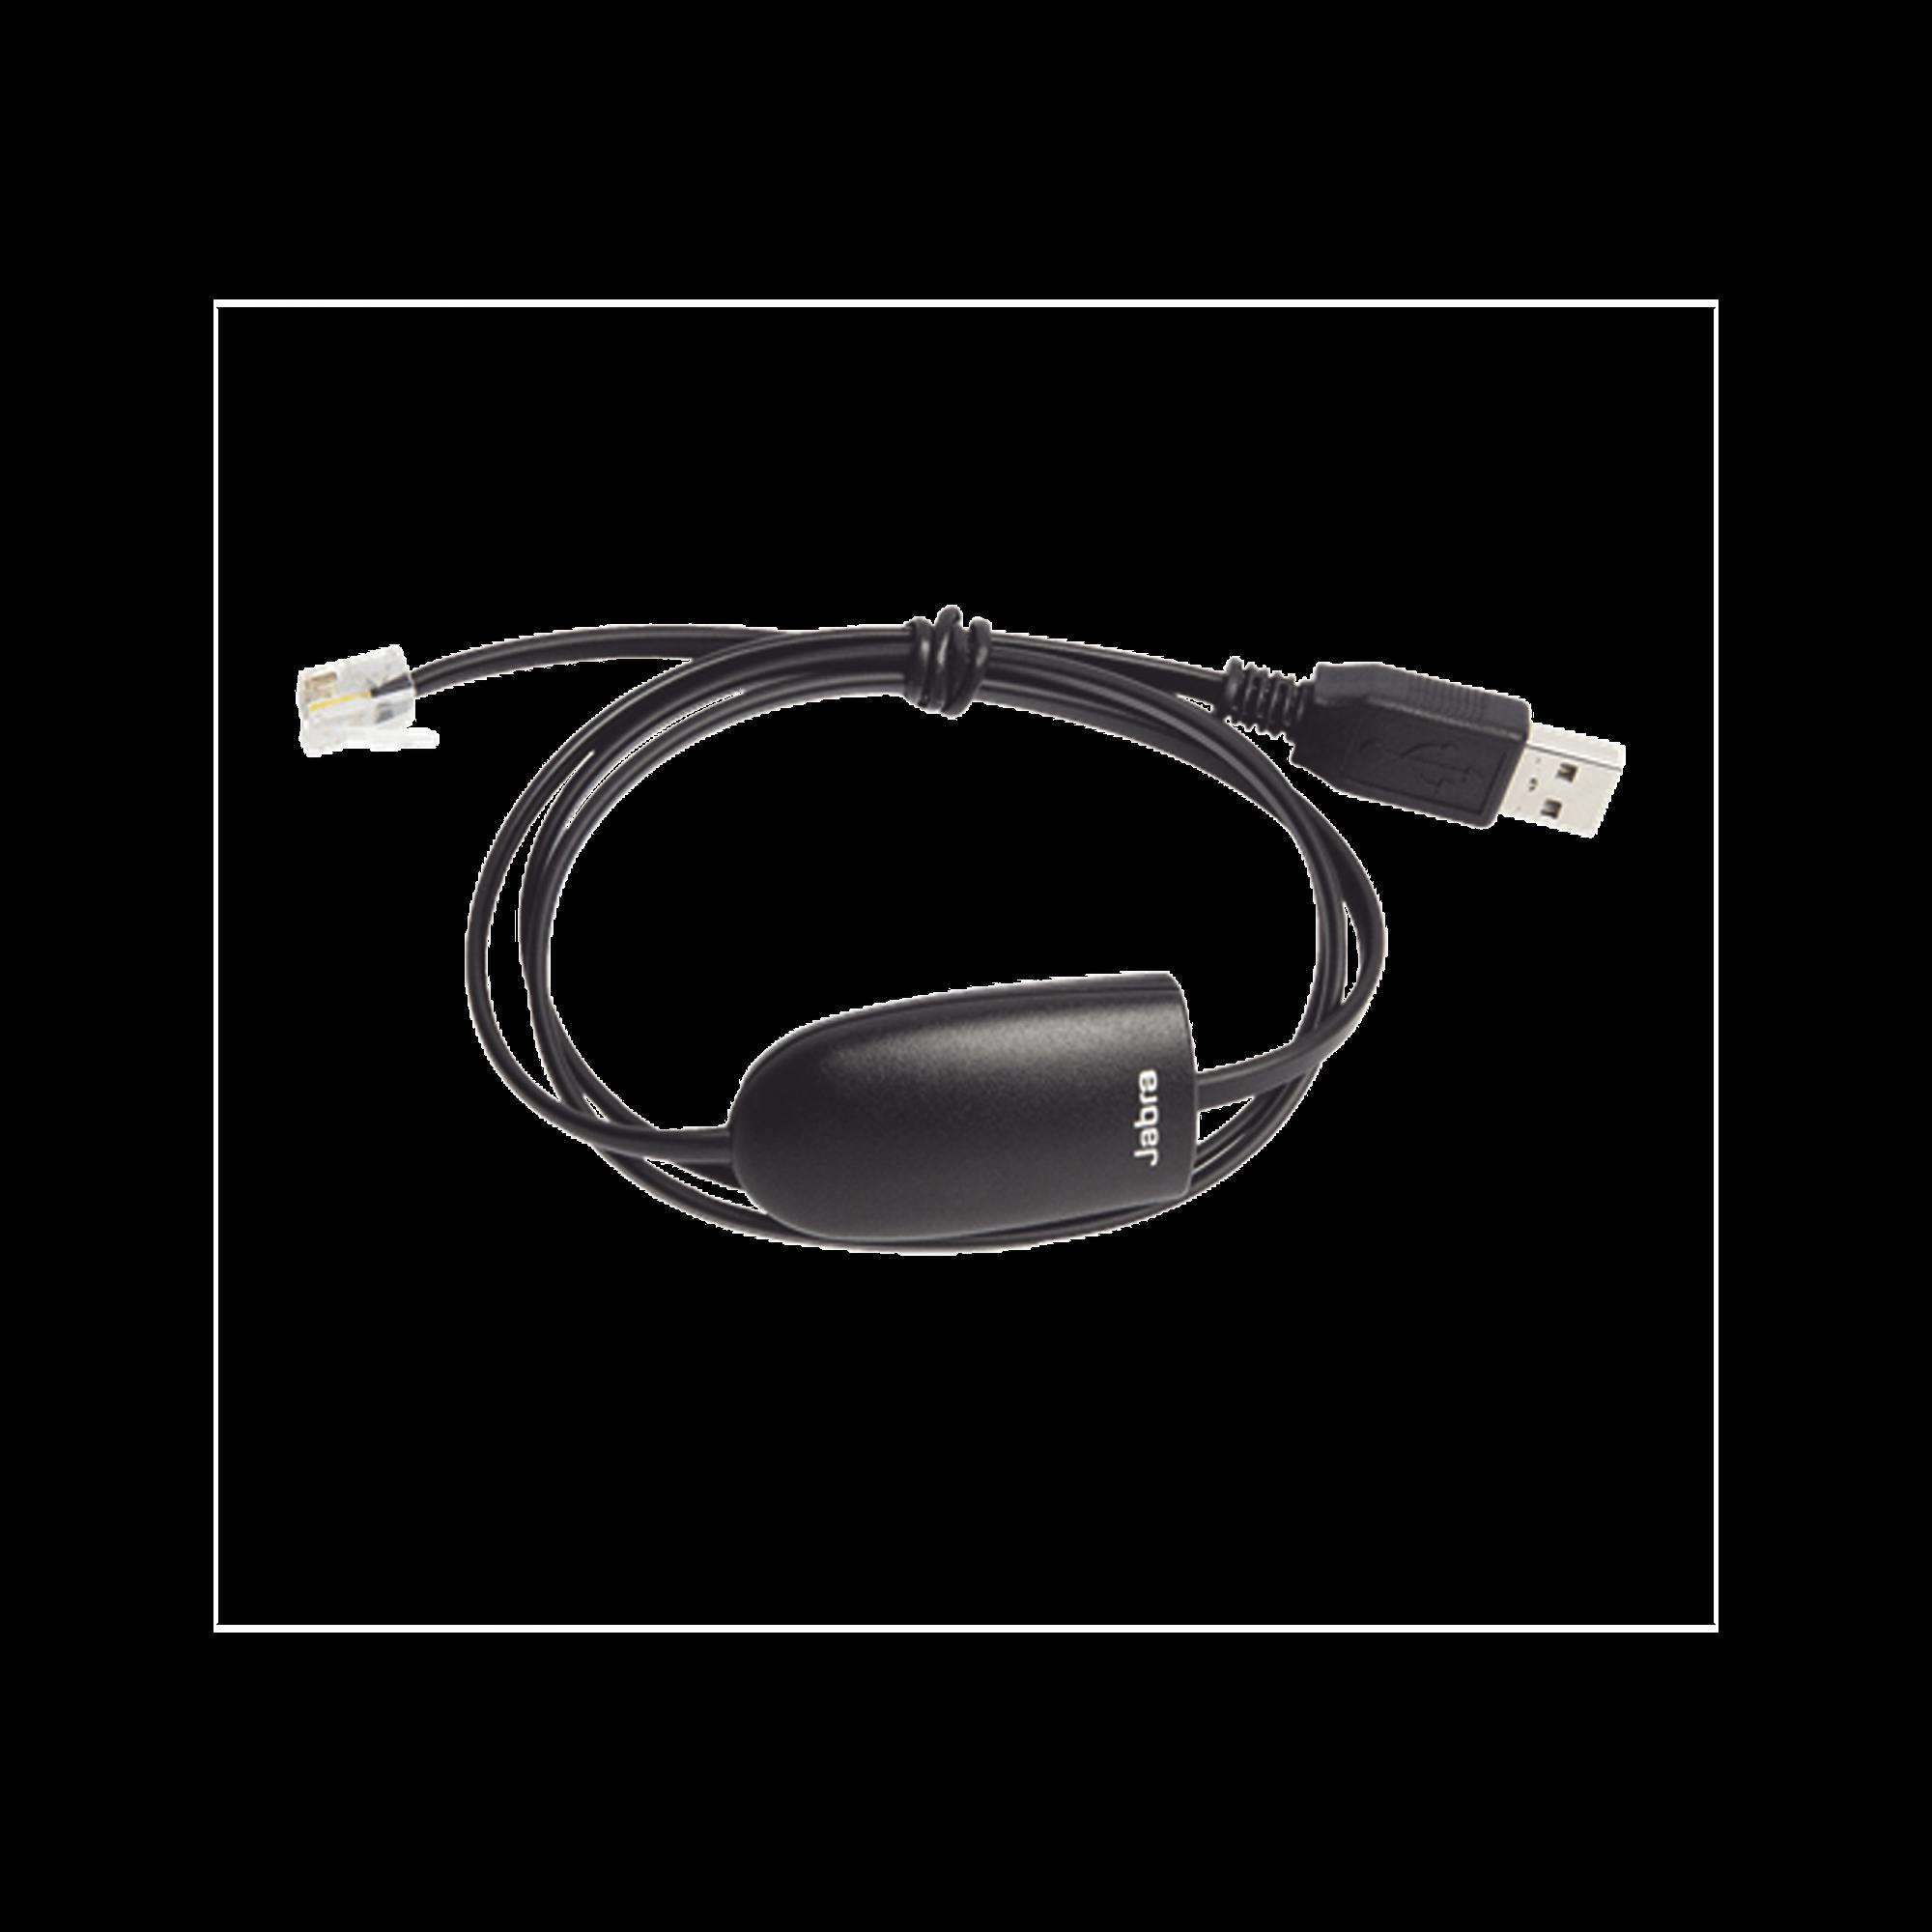 JABRA Pro 920 Service, Cable de servicio para PRO-920 (14201-29)